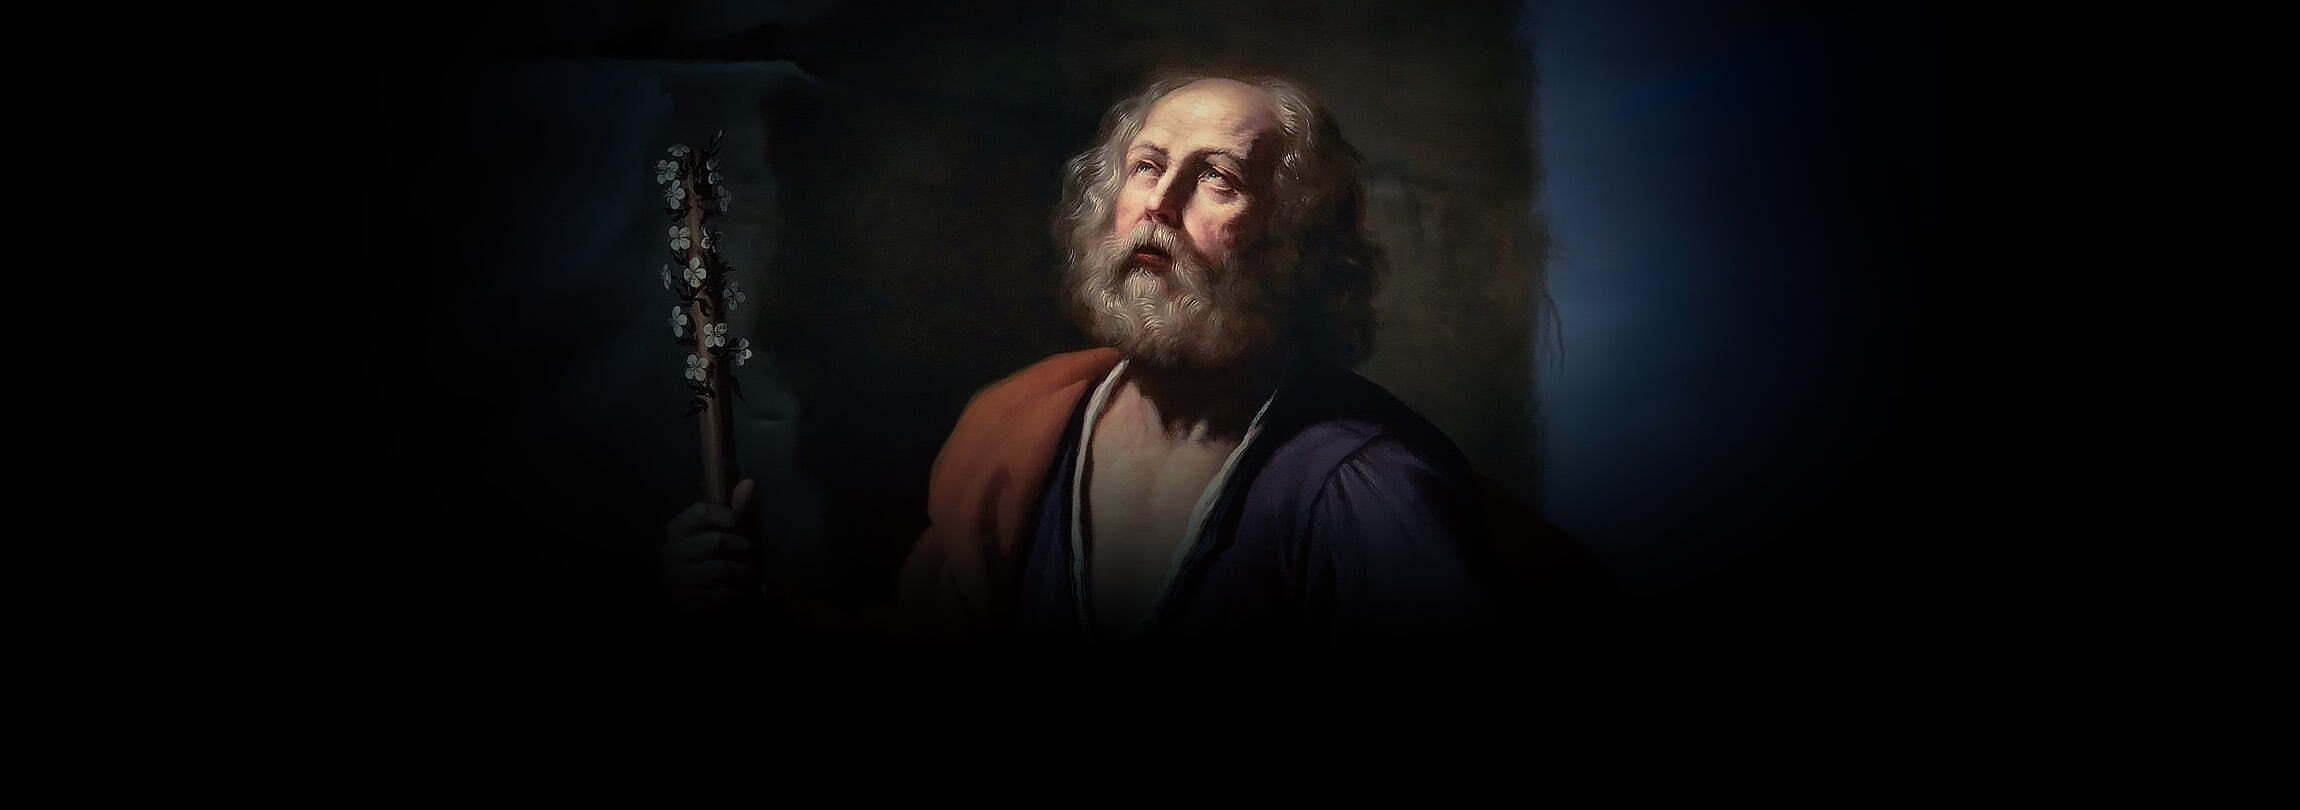 São José e suas aparições ao longo dos séculos